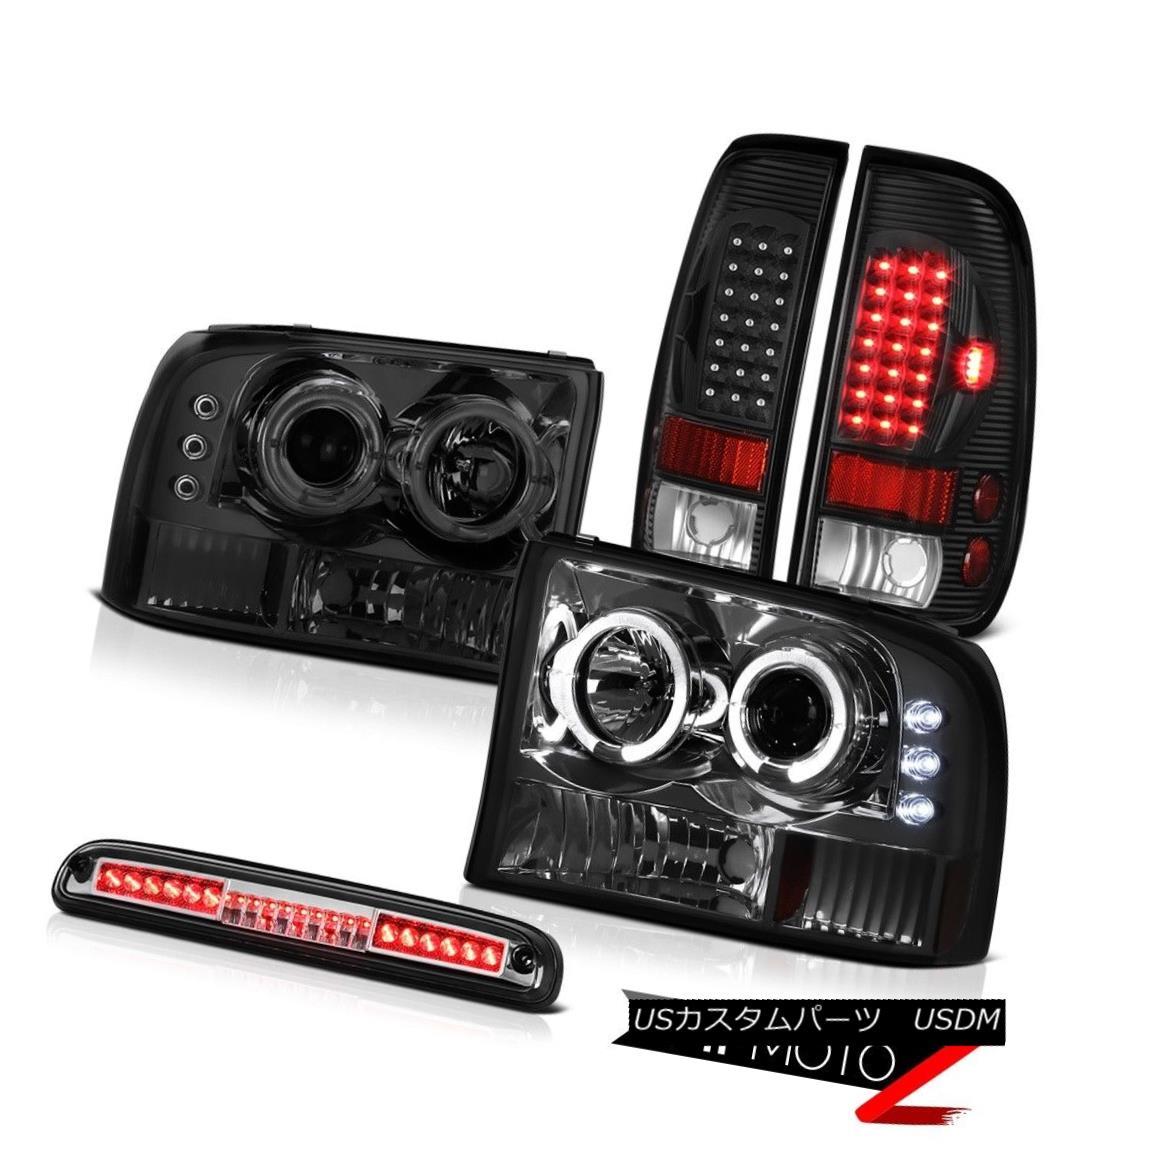 テールライト Headlights Halo DRL LED Black TailLight High Brake 99 00 01 02 03 04 F350 King ヘッドライトHalo DRL LEDブラックTailLightハイブレーキ99 00 01 02 03 04 F350 King